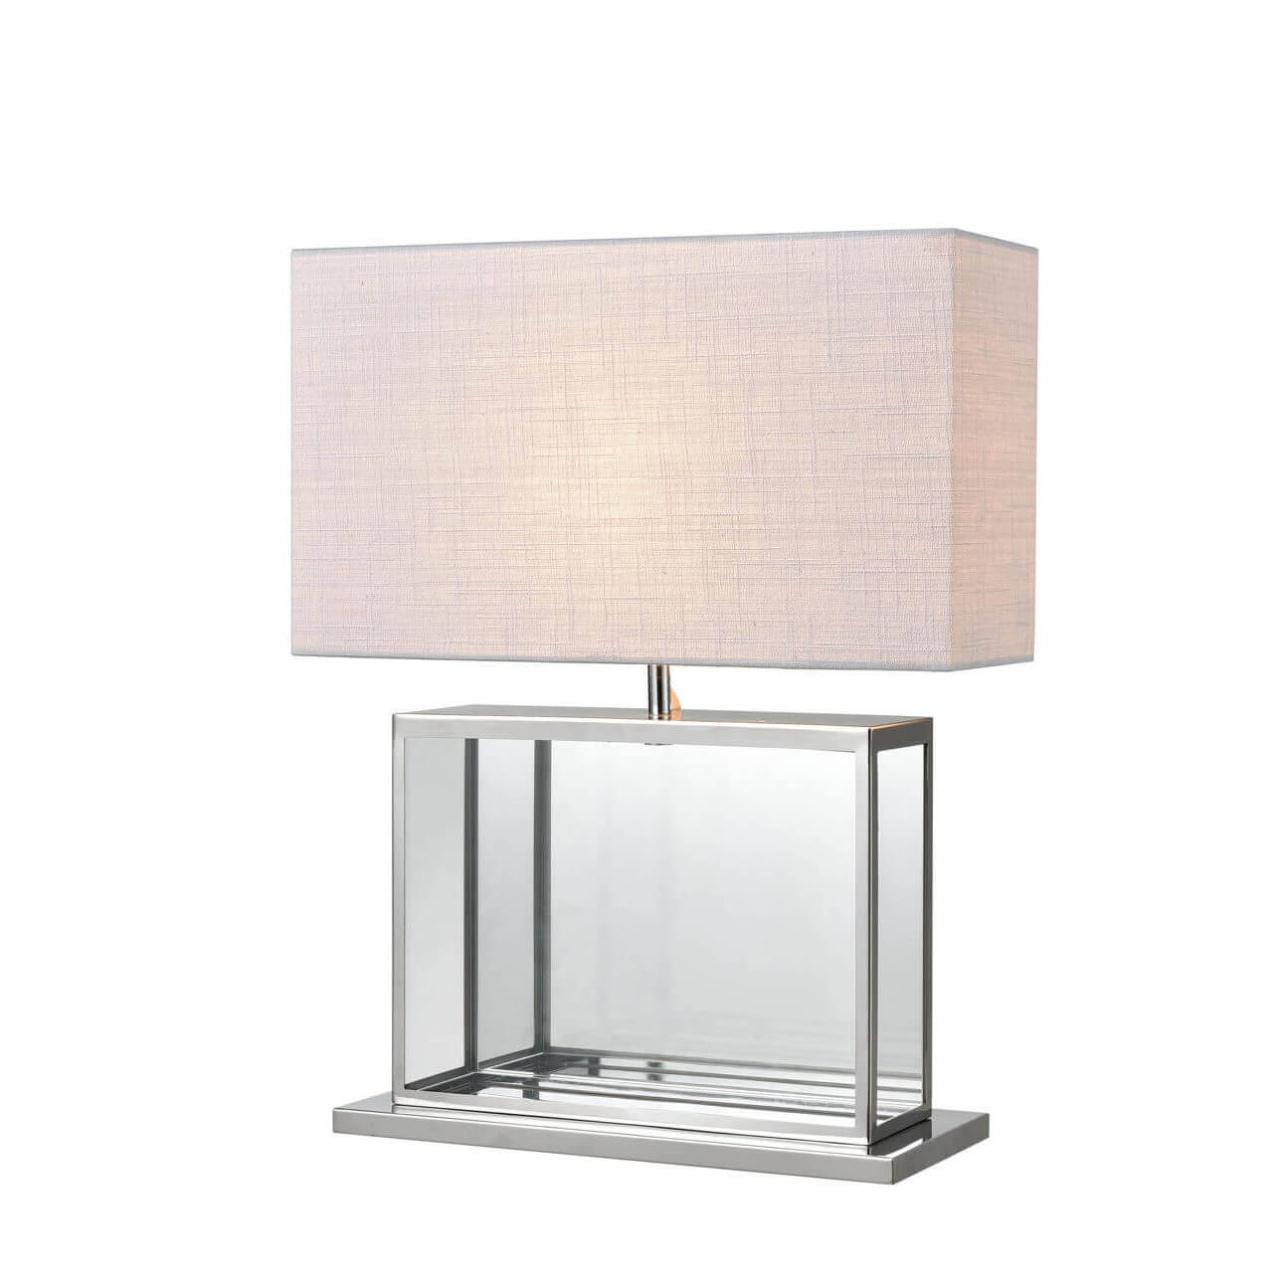 цена Настольная лампа Vele Luce VL4083N11 Vicenza онлайн в 2017 году